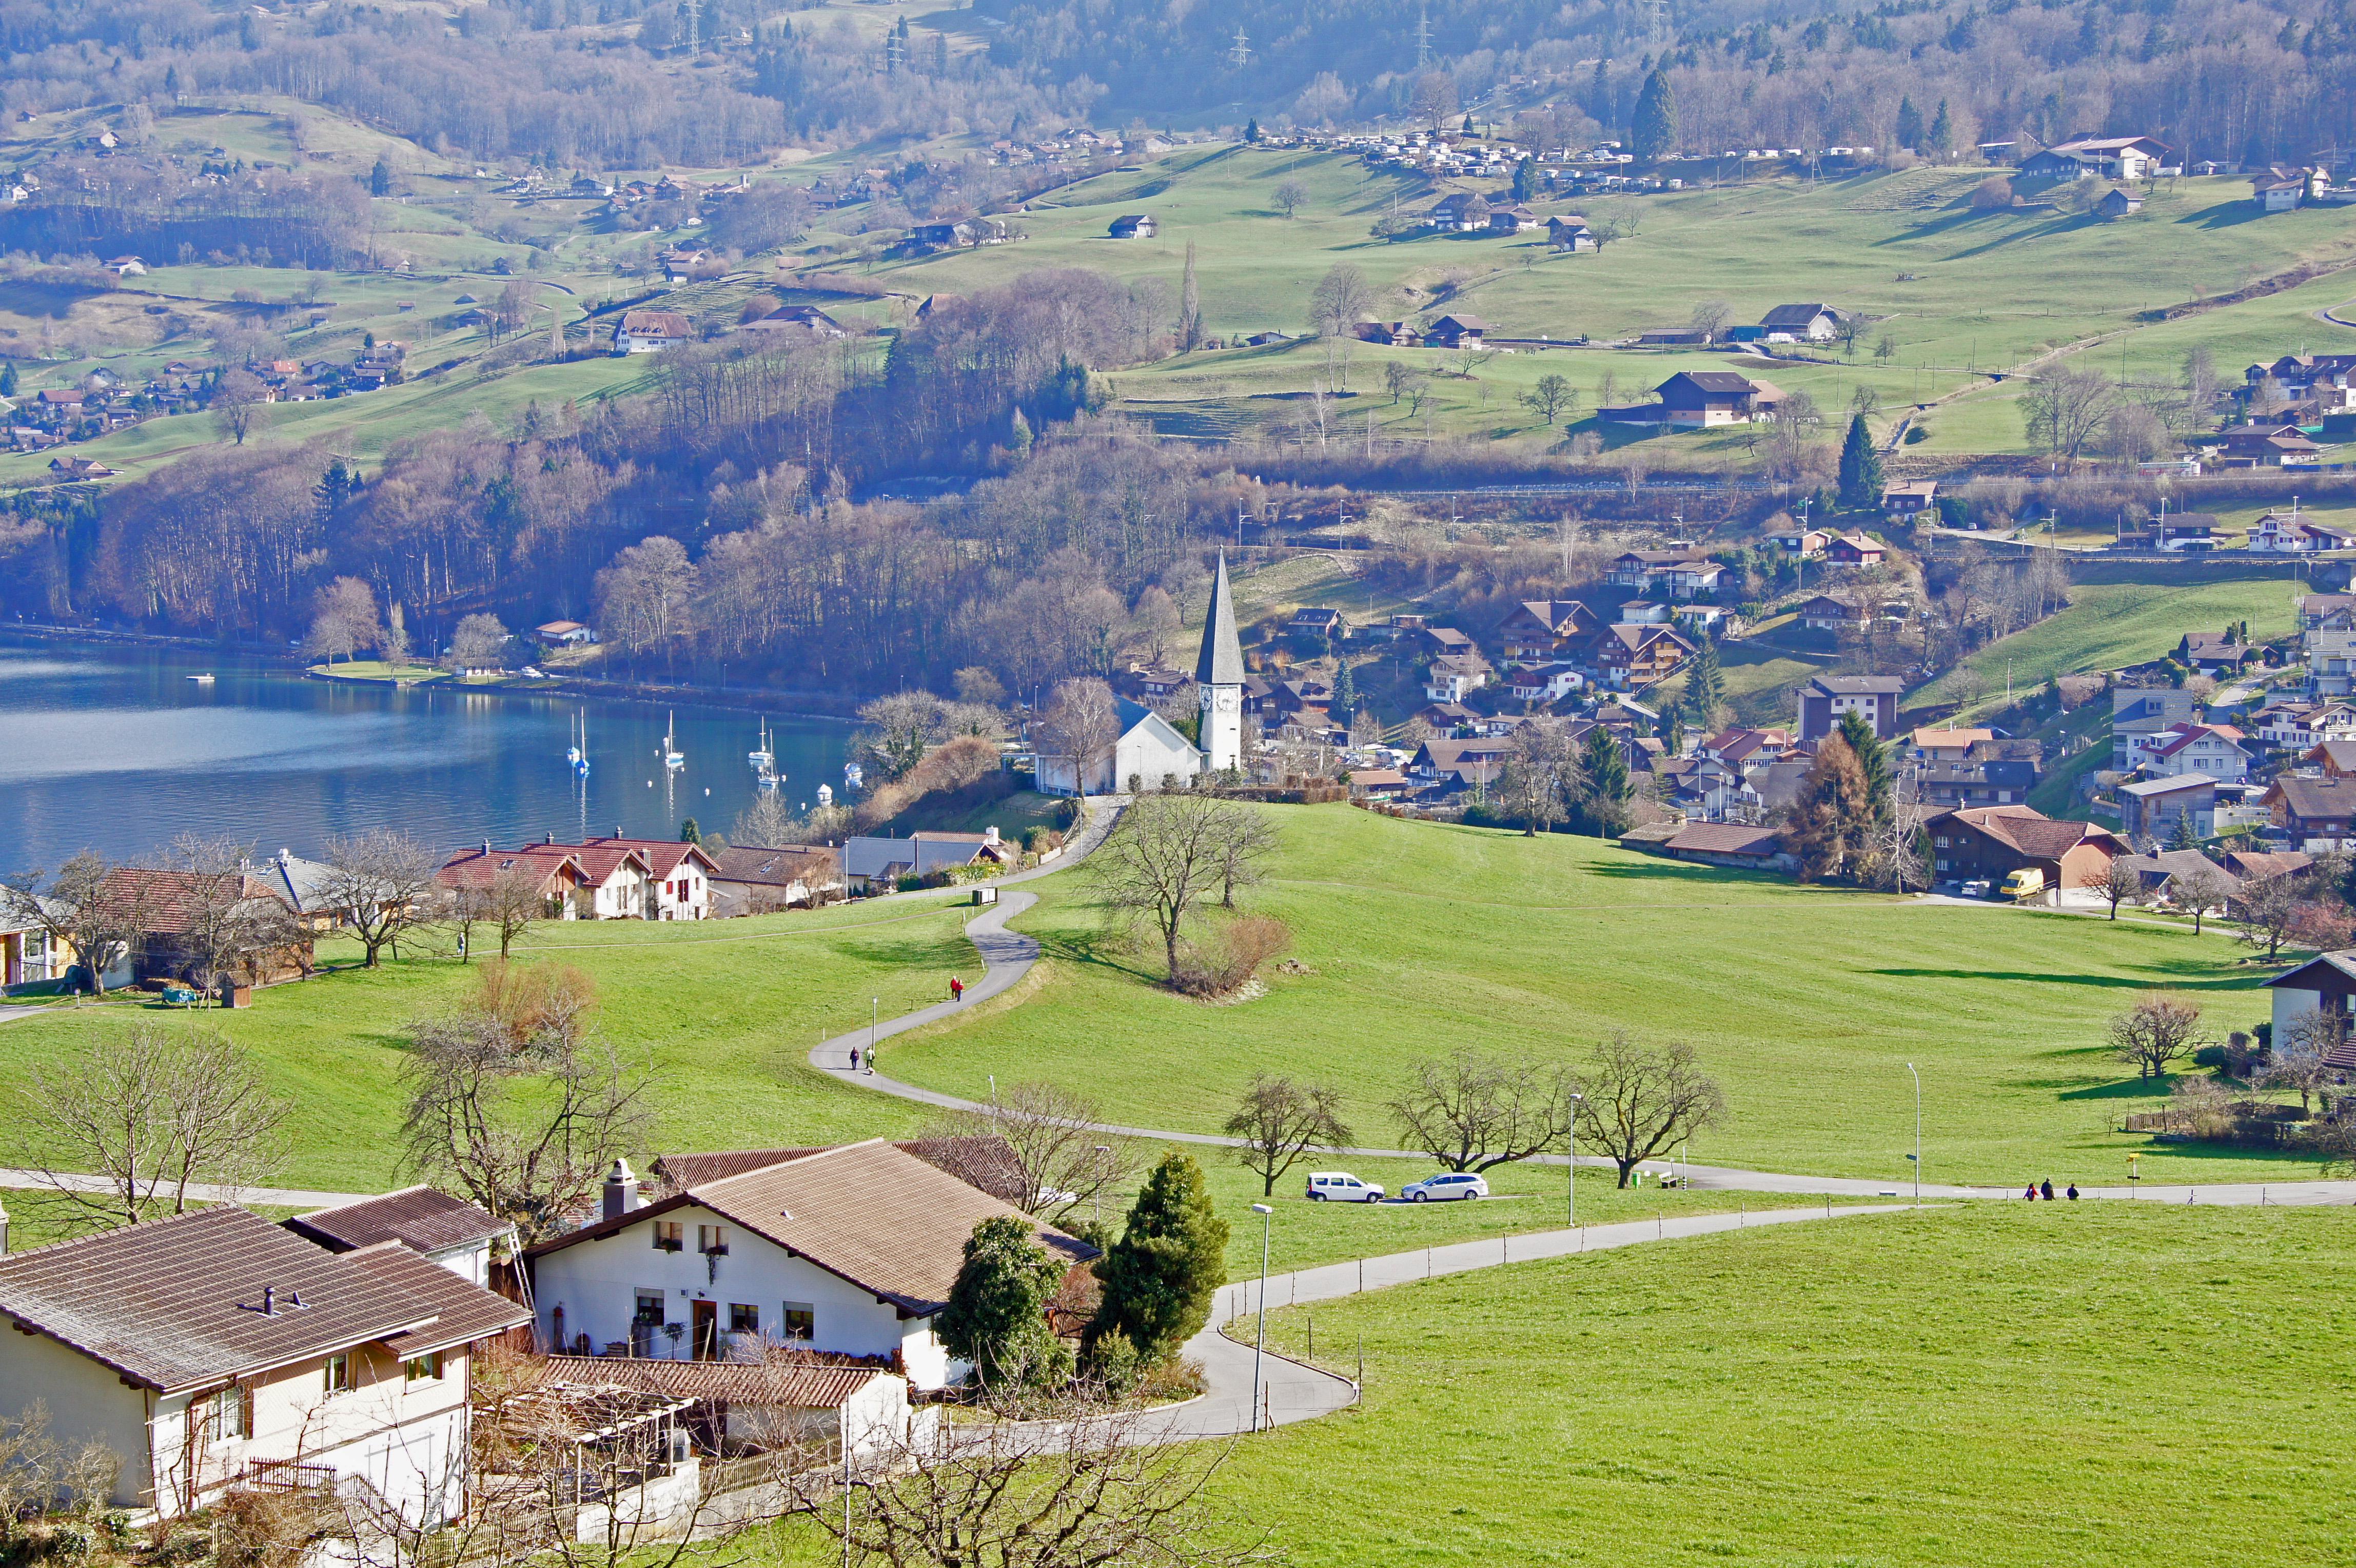 Zoznamka Seitenského Vergleich Schweiz ako zaradiť do csgo dohazování